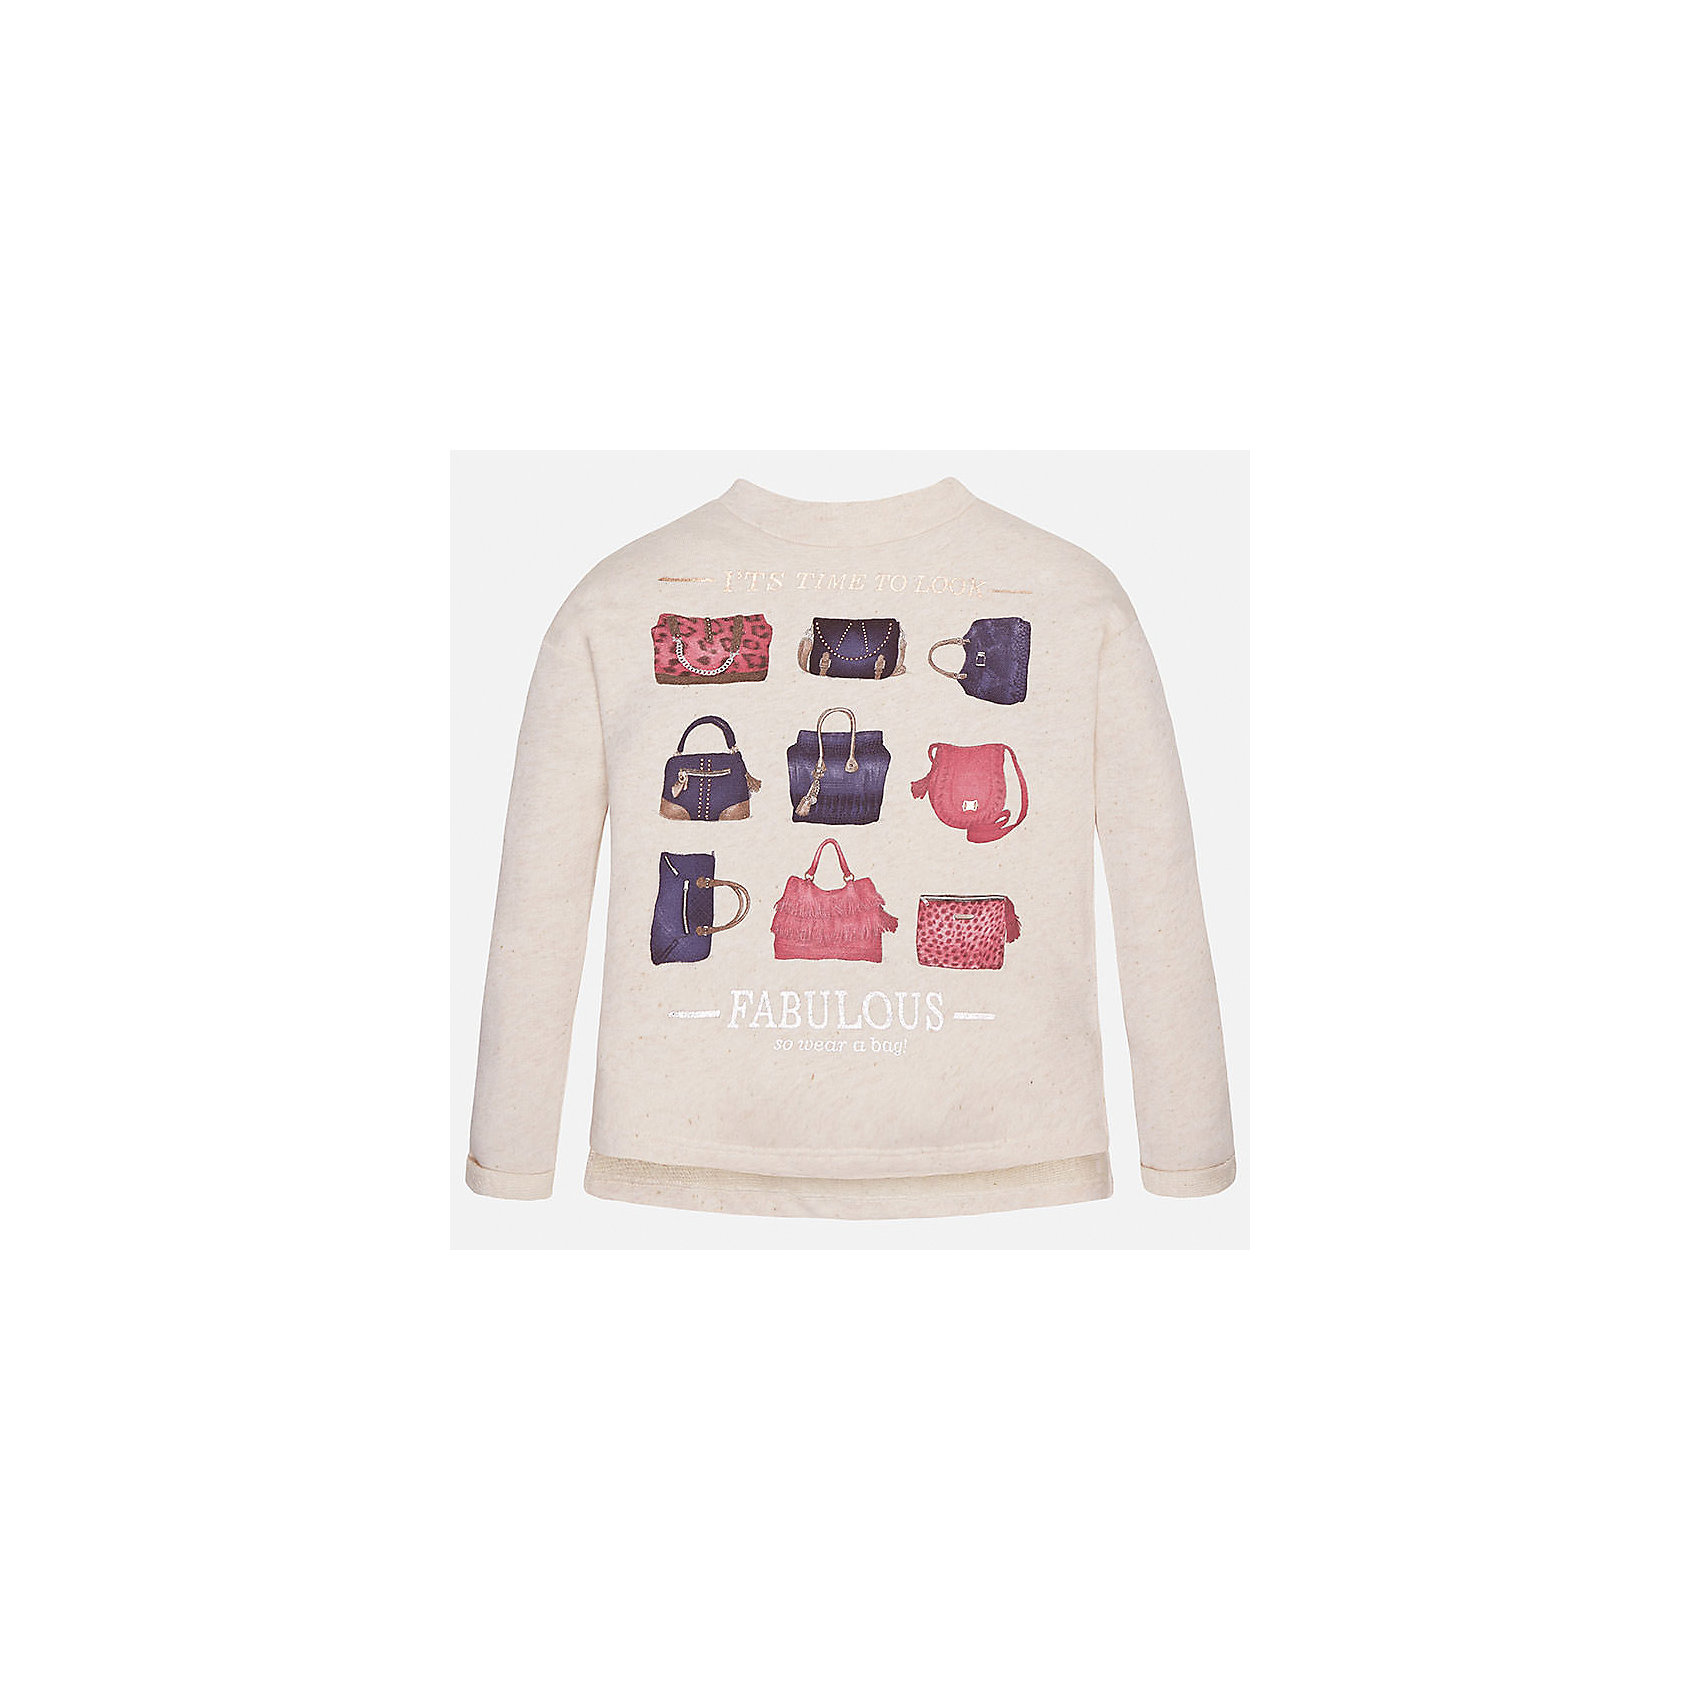 Свитер для девочки MayoralСвитер для девочки от популярного испанского бренда Mayoral(Майорал) изготовлен из натурального хлопка. Сзади модель застегивается на небольшую молнию.  Спереди свитер украшен интересным принтом с сумочками. Такой свитер обязательно поднимет настроение и подарит массу положительных эмоций юной моднице!<br>Дополнительная информация:<br>-застегивается на небольшую молнию<br>-украшен принтом<br>-цвет: молочный<br>-состав: 90% хлопок, 10% полиэстер<br>Свитер для девочки Mayoral(Майорал) вы можете приобрести в нашем интернет-магазине.<br><br>Ширина мм: 190<br>Глубина мм: 74<br>Высота мм: 229<br>Вес г: 236<br>Цвет: бежевый<br>Возраст от месяцев: 132<br>Возраст до месяцев: 144<br>Пол: Женский<br>Возраст: Детский<br>Размер: 134/140,128/134,146/152,158/164,152/158,164/170<br>SKU: 4847248